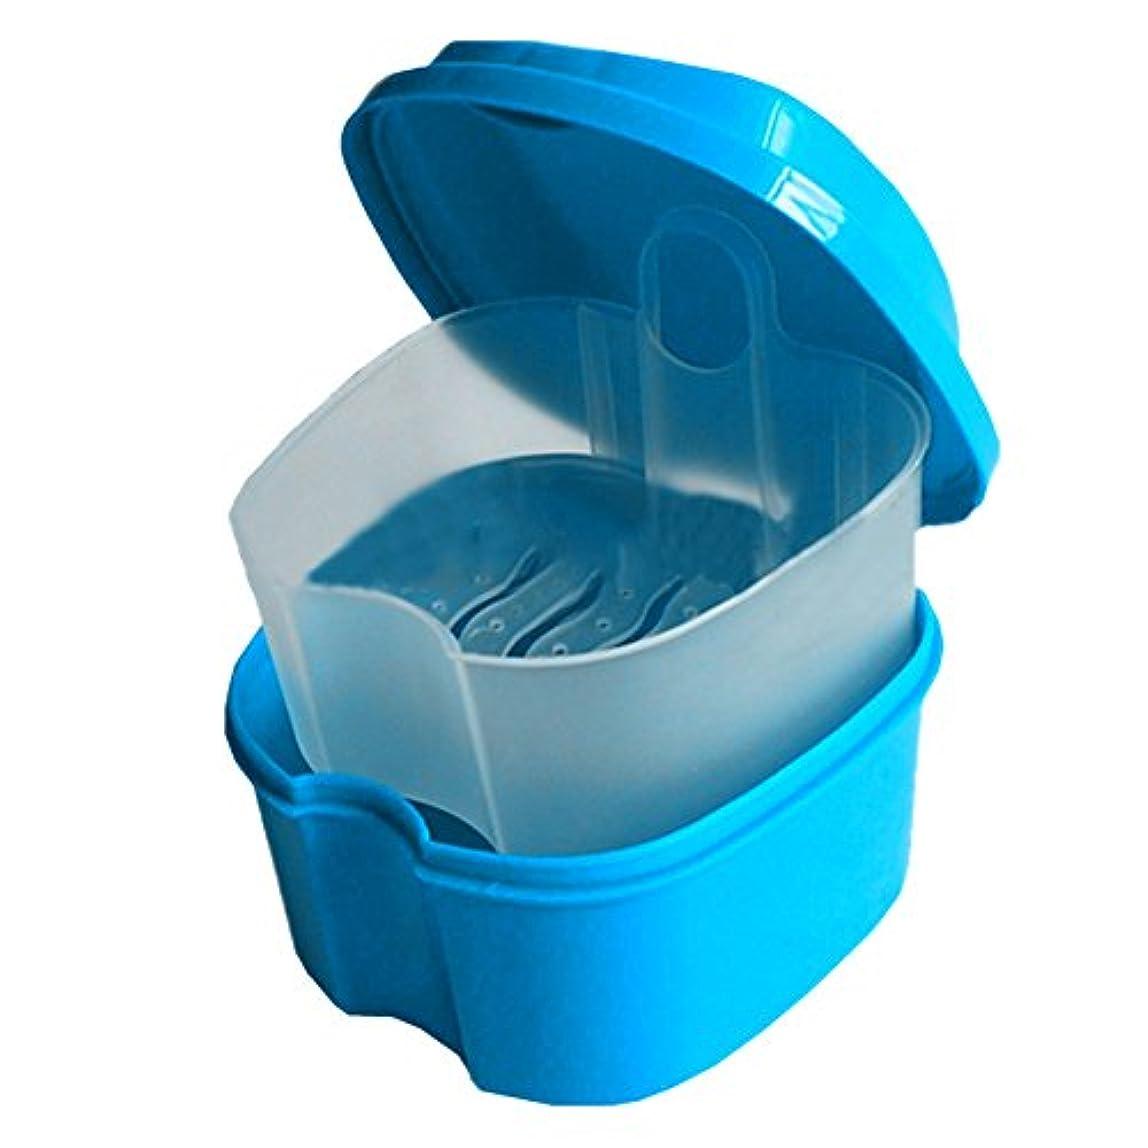 アンプ食事を調理するフレットAMAA 入れ歯ケース リテーナーボックス マウスピース収納